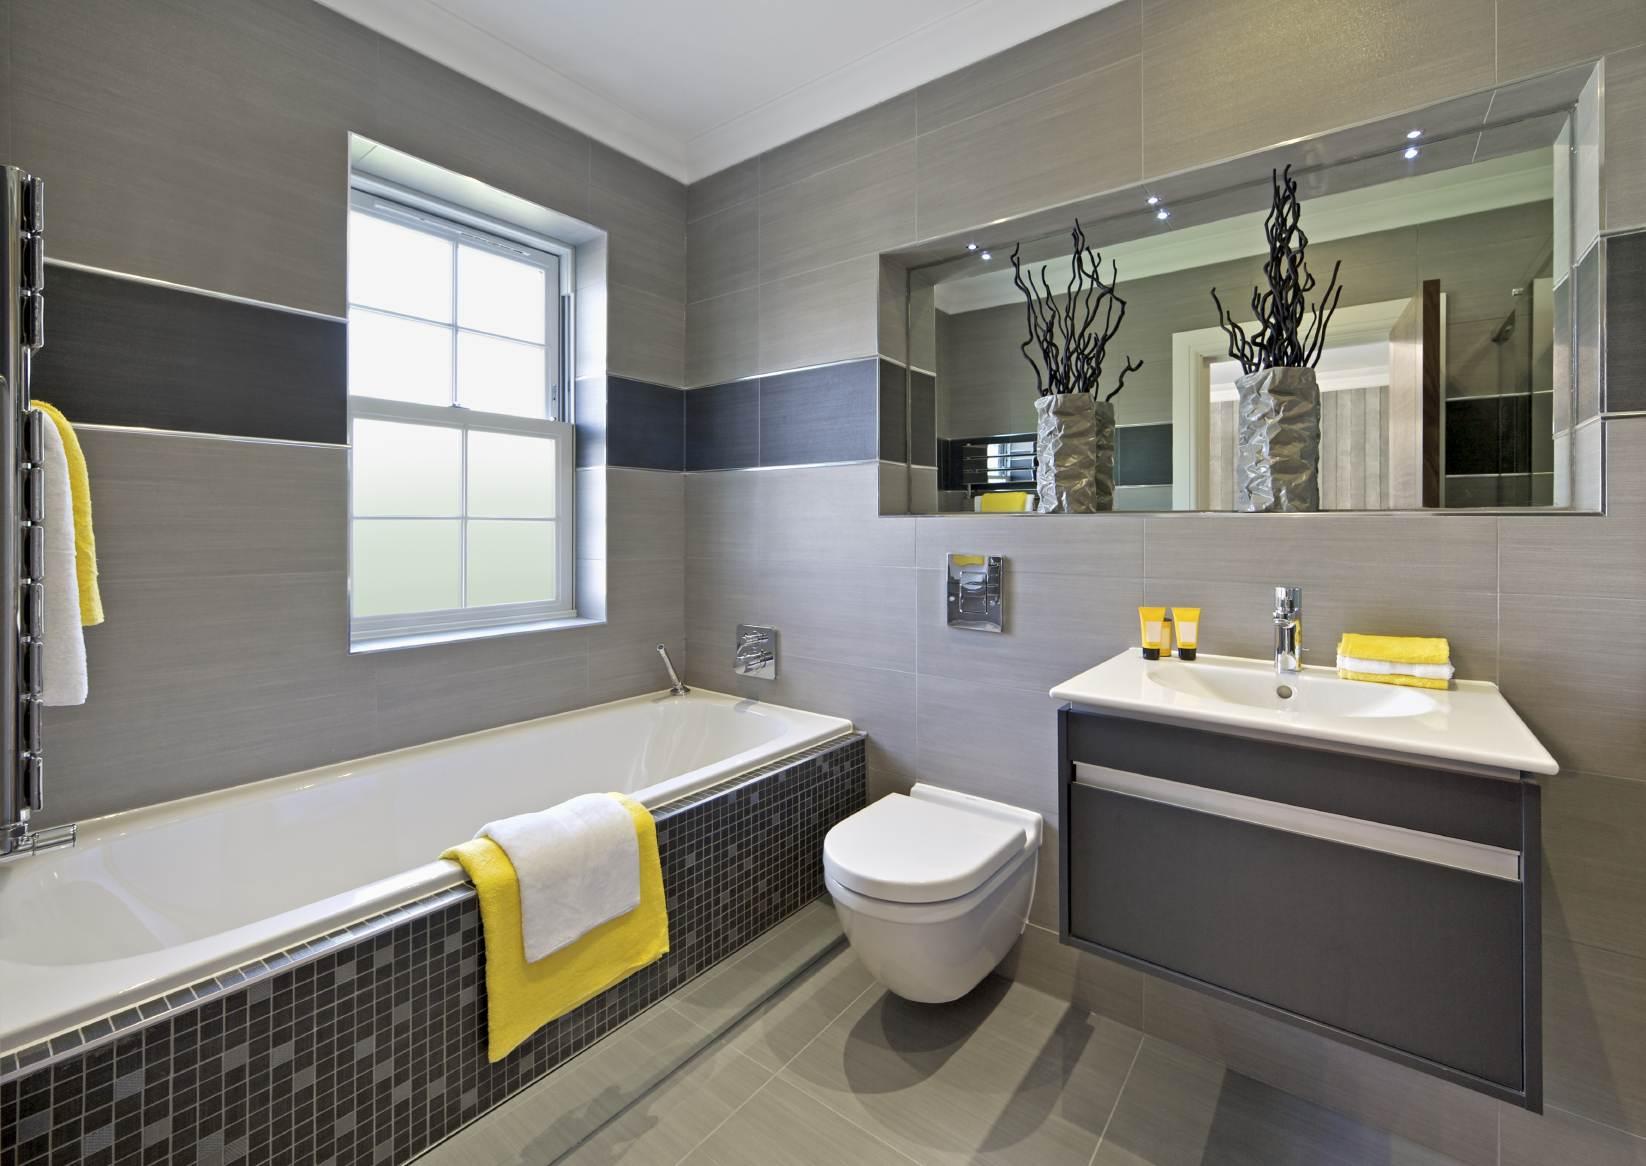 salle de bains : aide au choix (budget, type, infos) | pratique.fr - Budget Salle De Bain